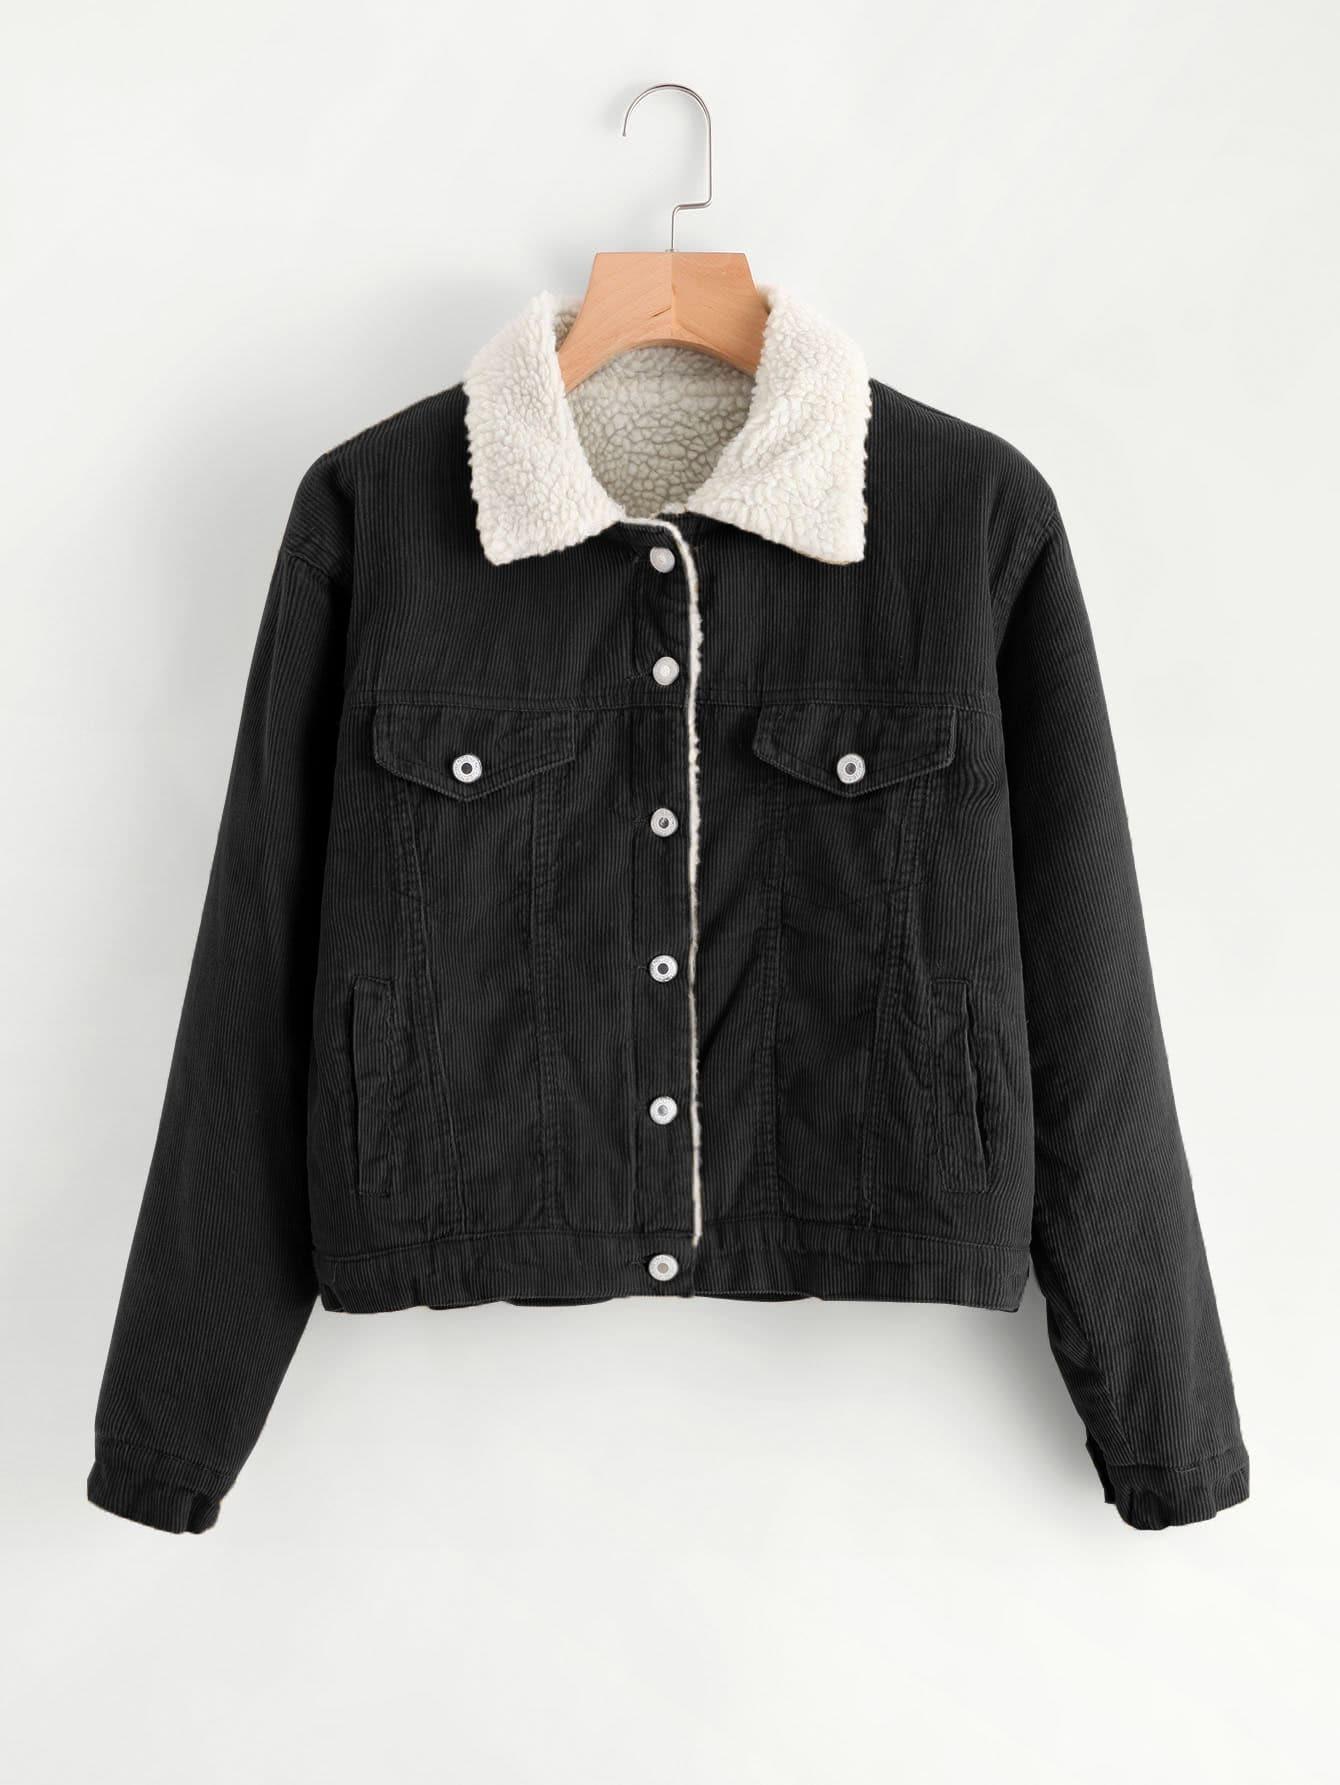 Corduroy Contrast Faux Shearling Jacket -SheIn(Sheinside)